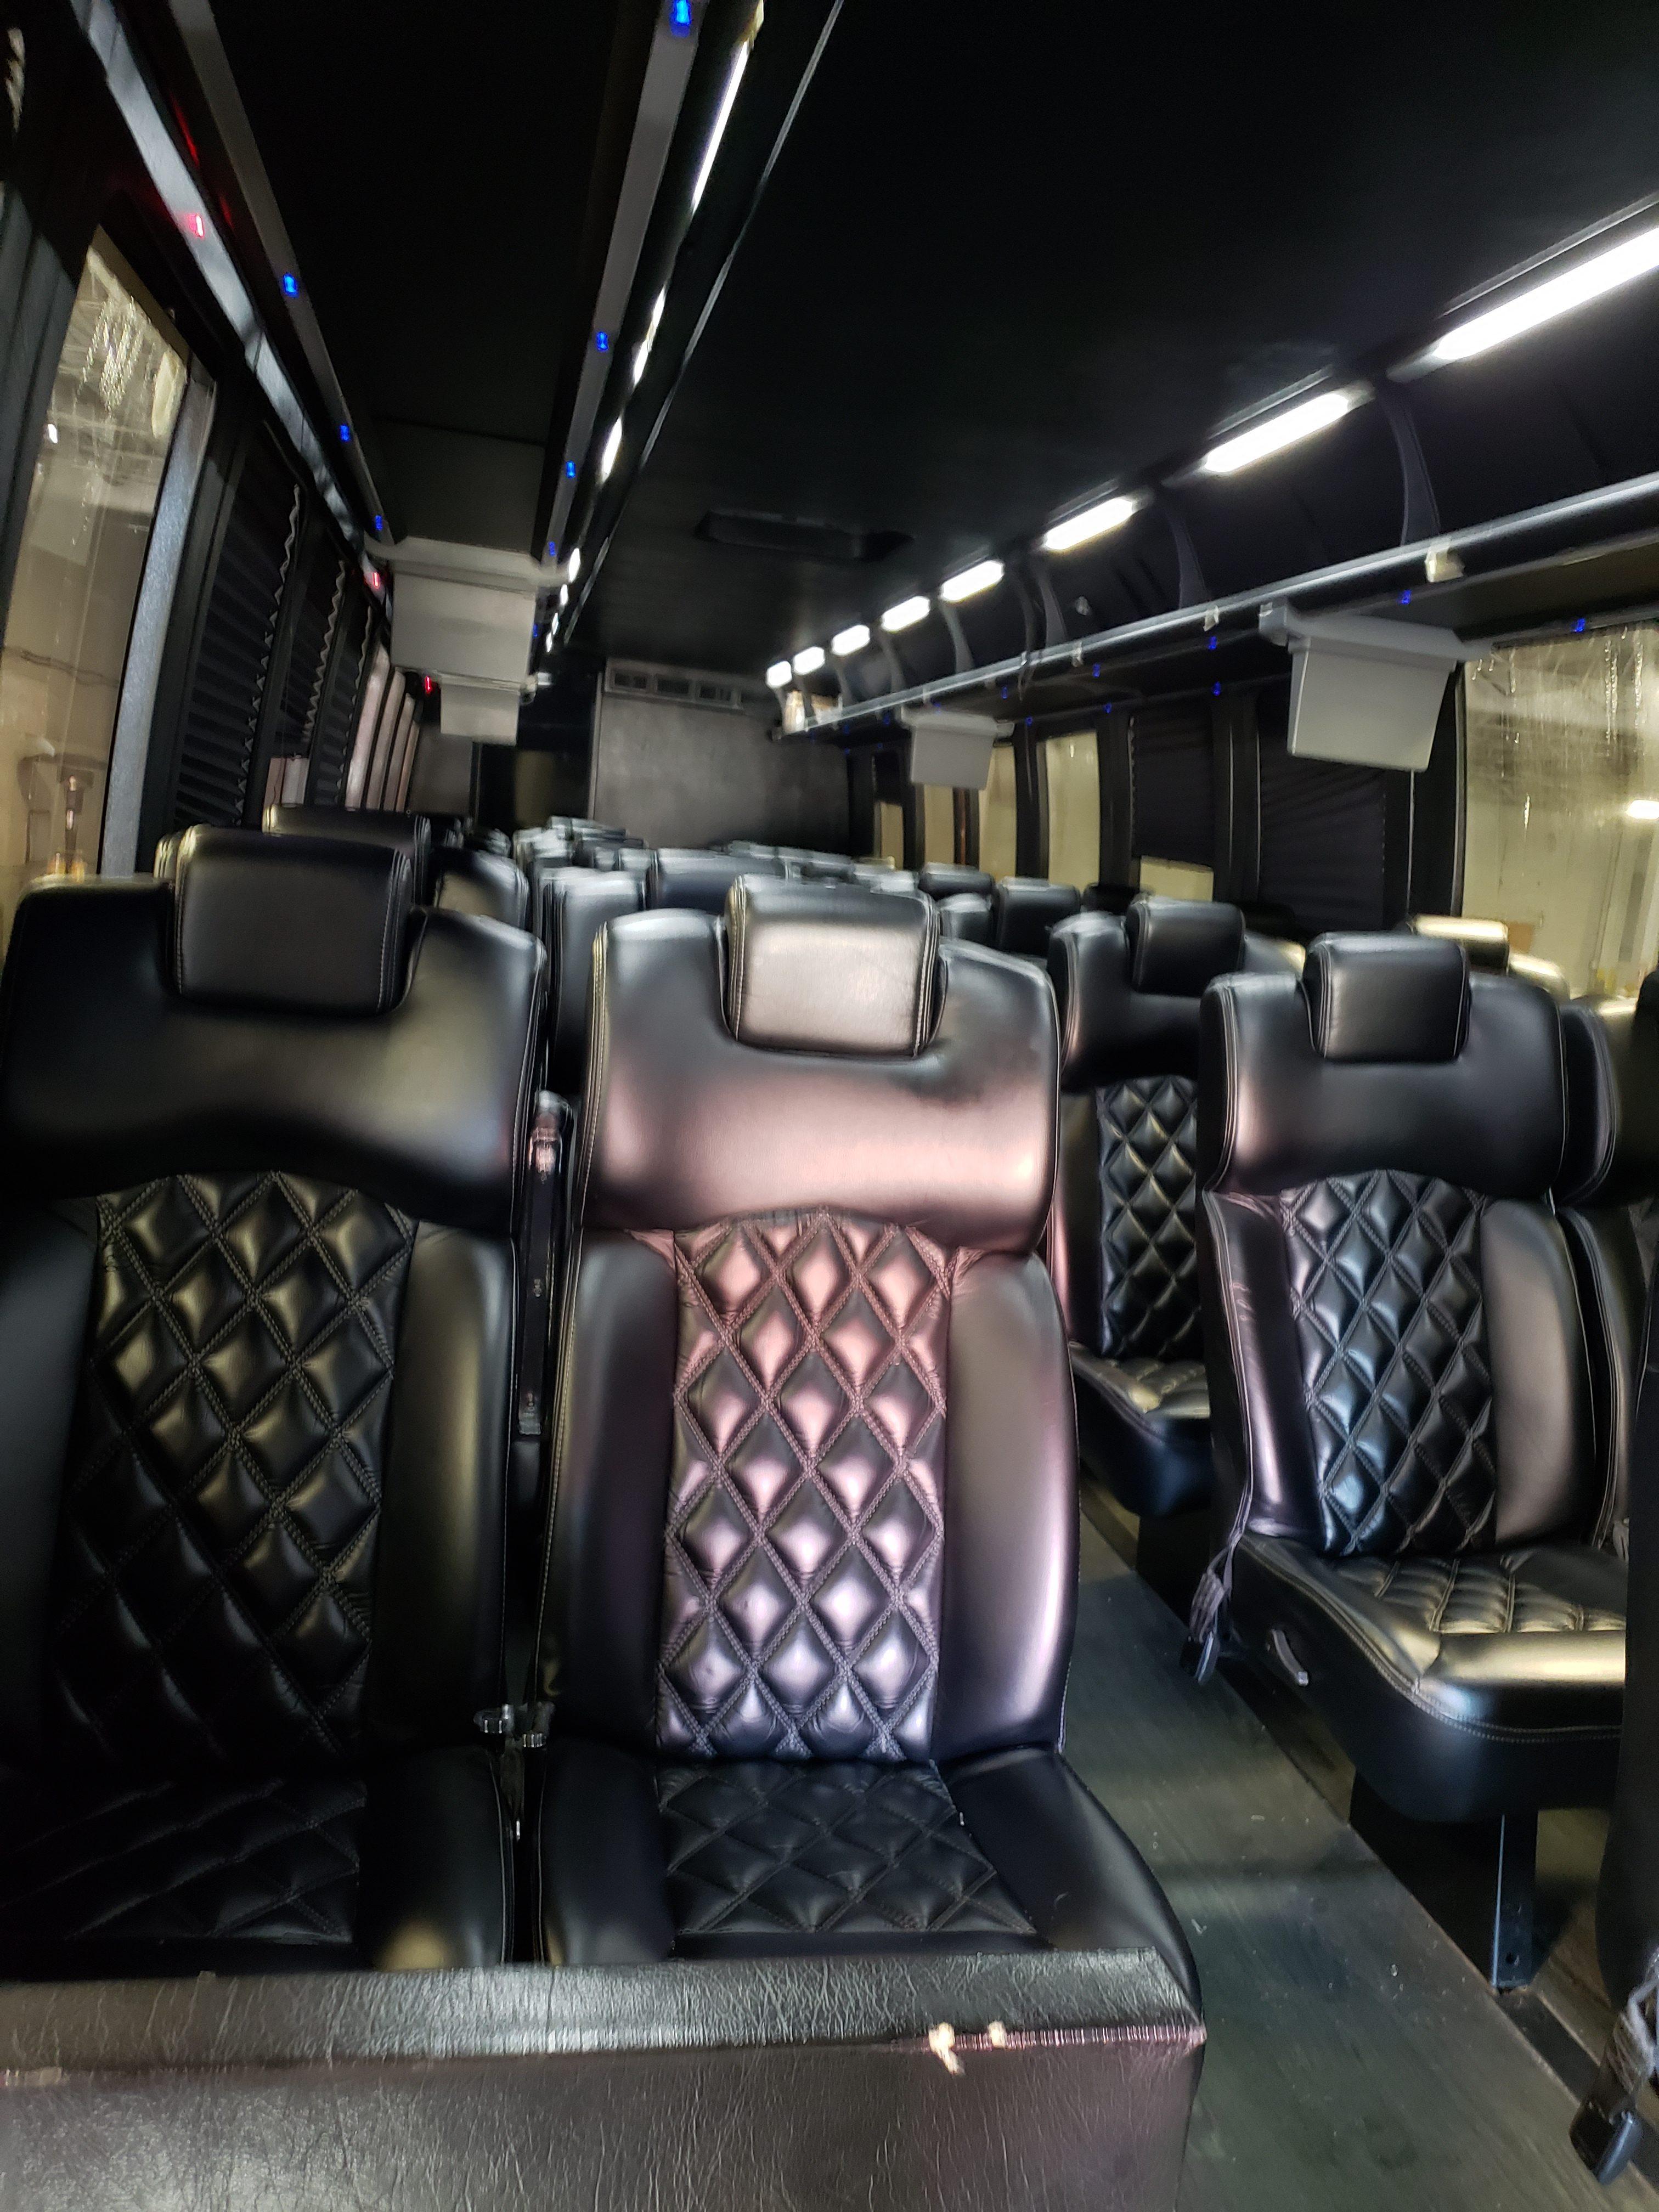 40 Passenger Shuttle Bus